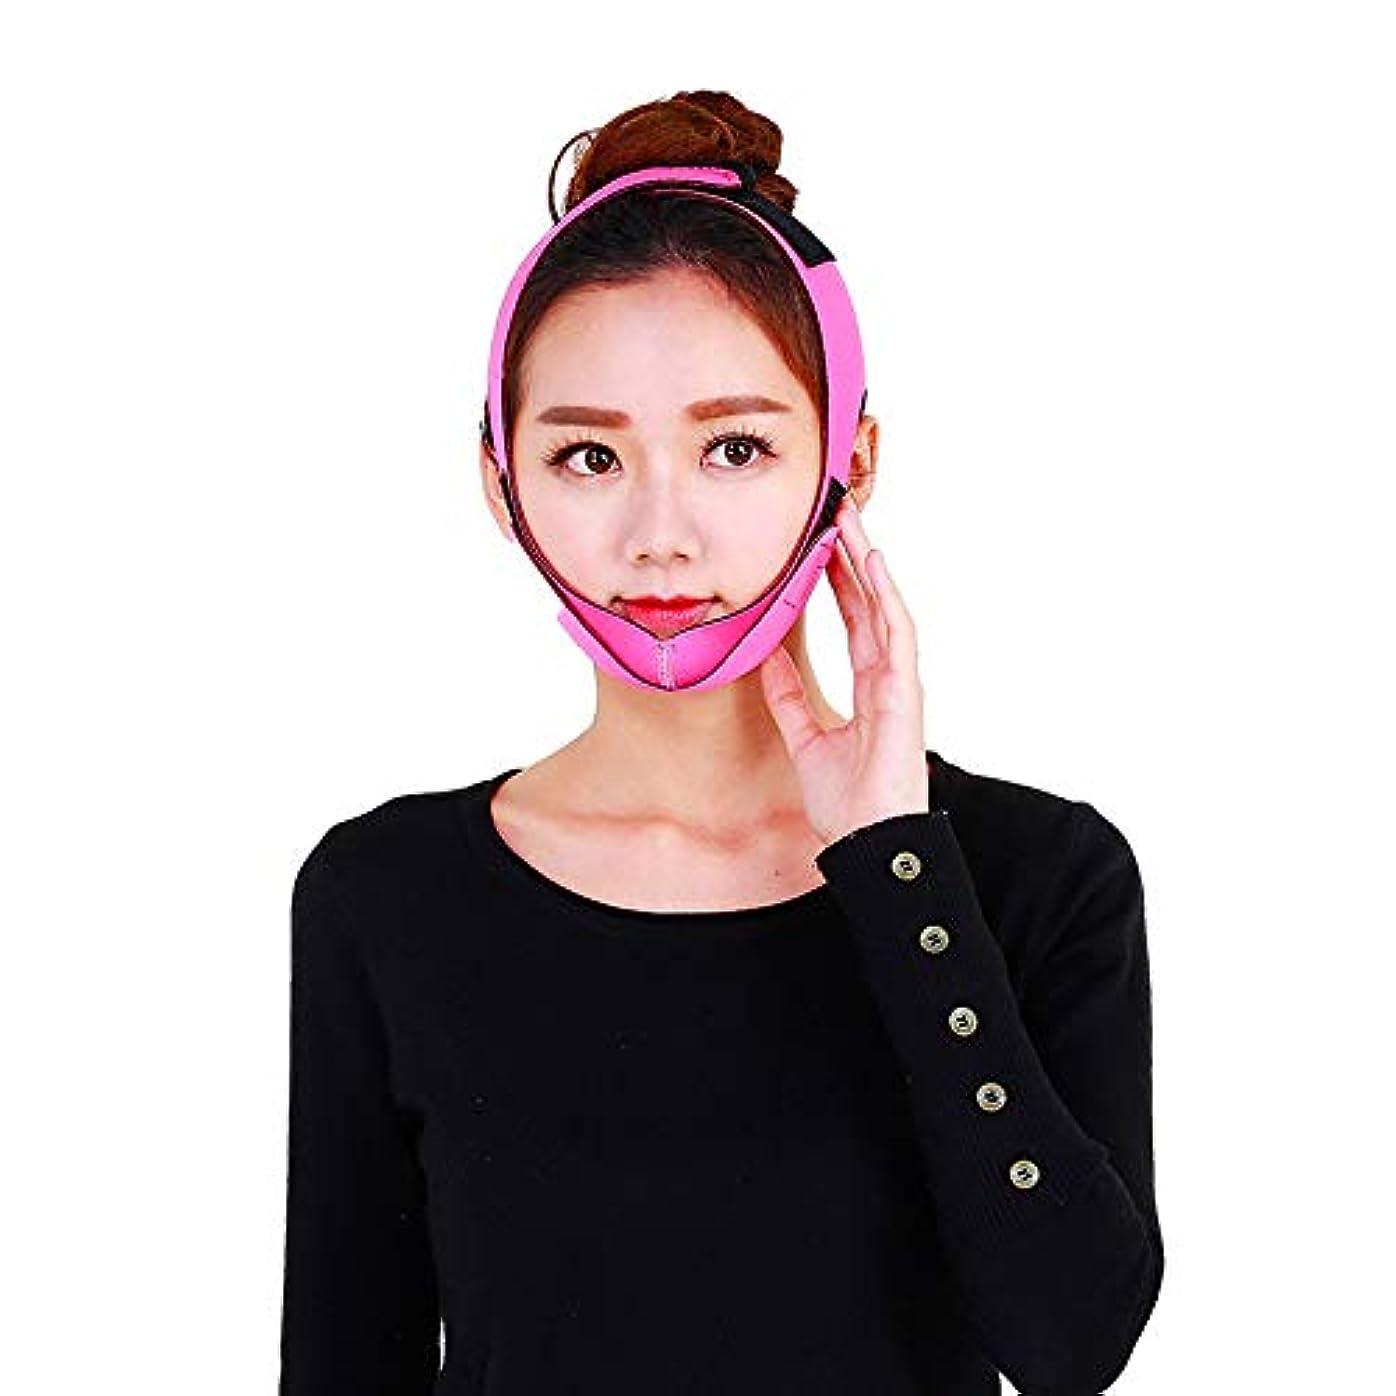 探検祈る明らかにするGYZ 顔の持ち上がる痩身ベルト - 薄い顔包帯二重あごのデバイス無料の顔のマッサージ整形マスクが顔と首を締めます Thin Face Belt